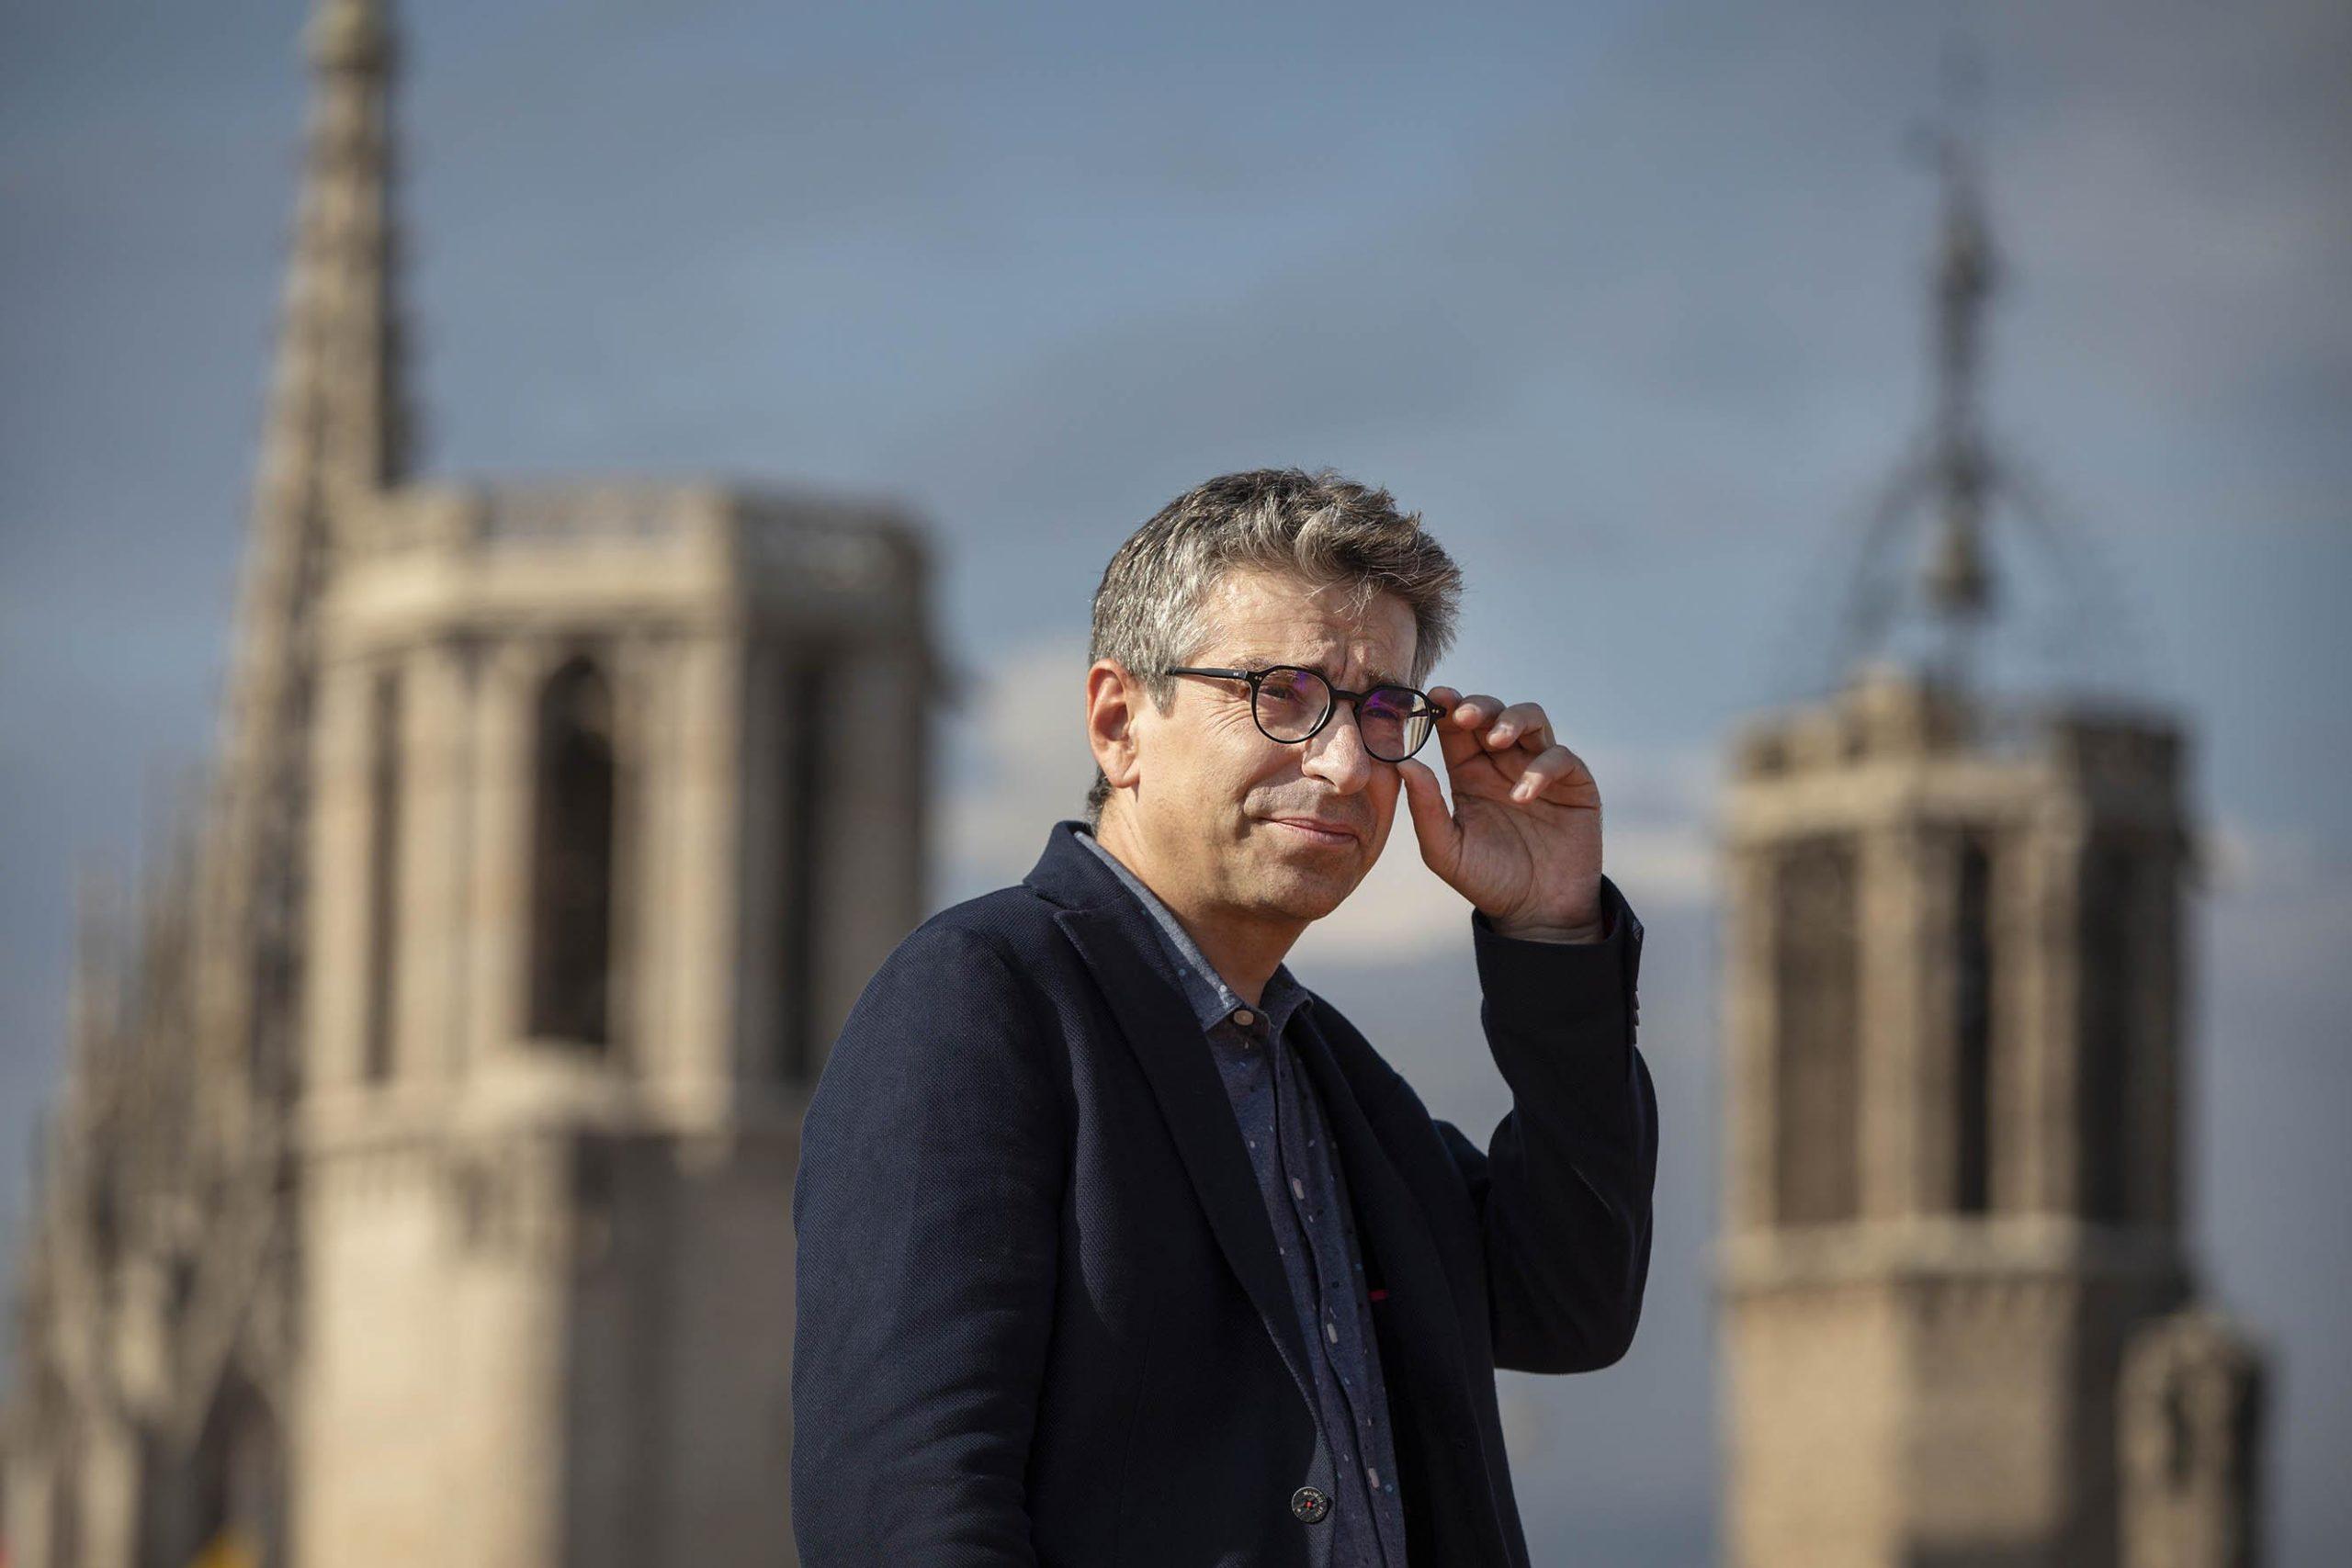 Jordi Martí, regidor de Presidència, Pressupostos i Pla de Barris, en una imatge d'arxiu / Jordi Play